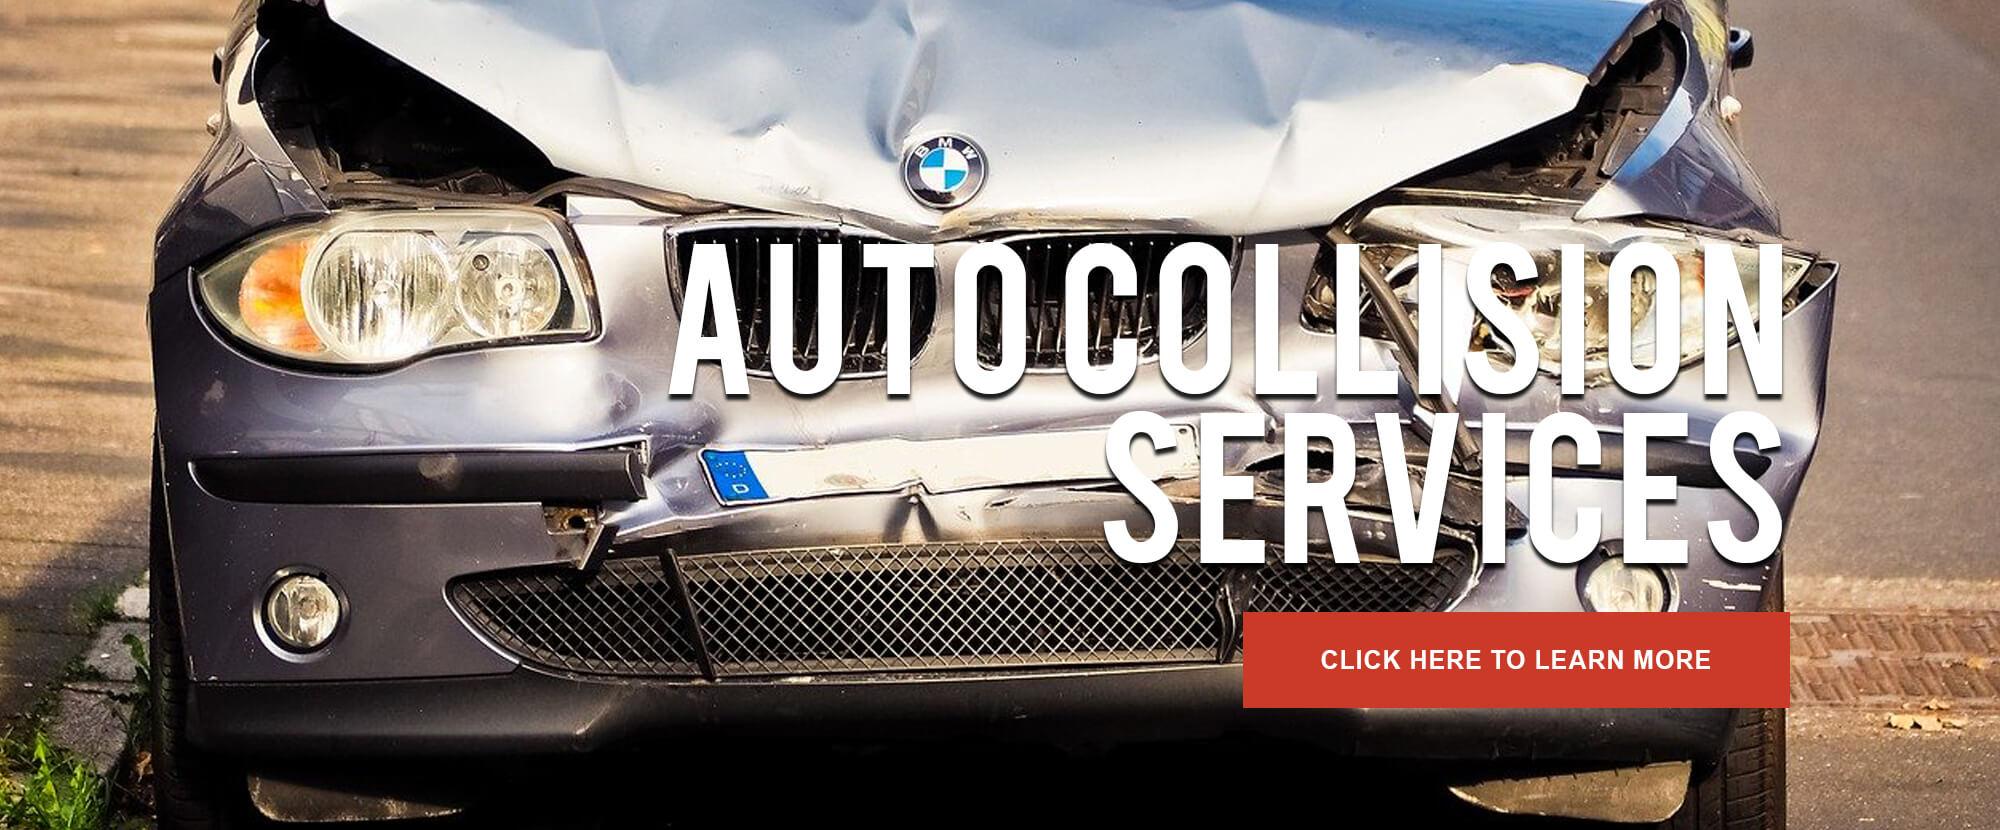 Auto Collision Services